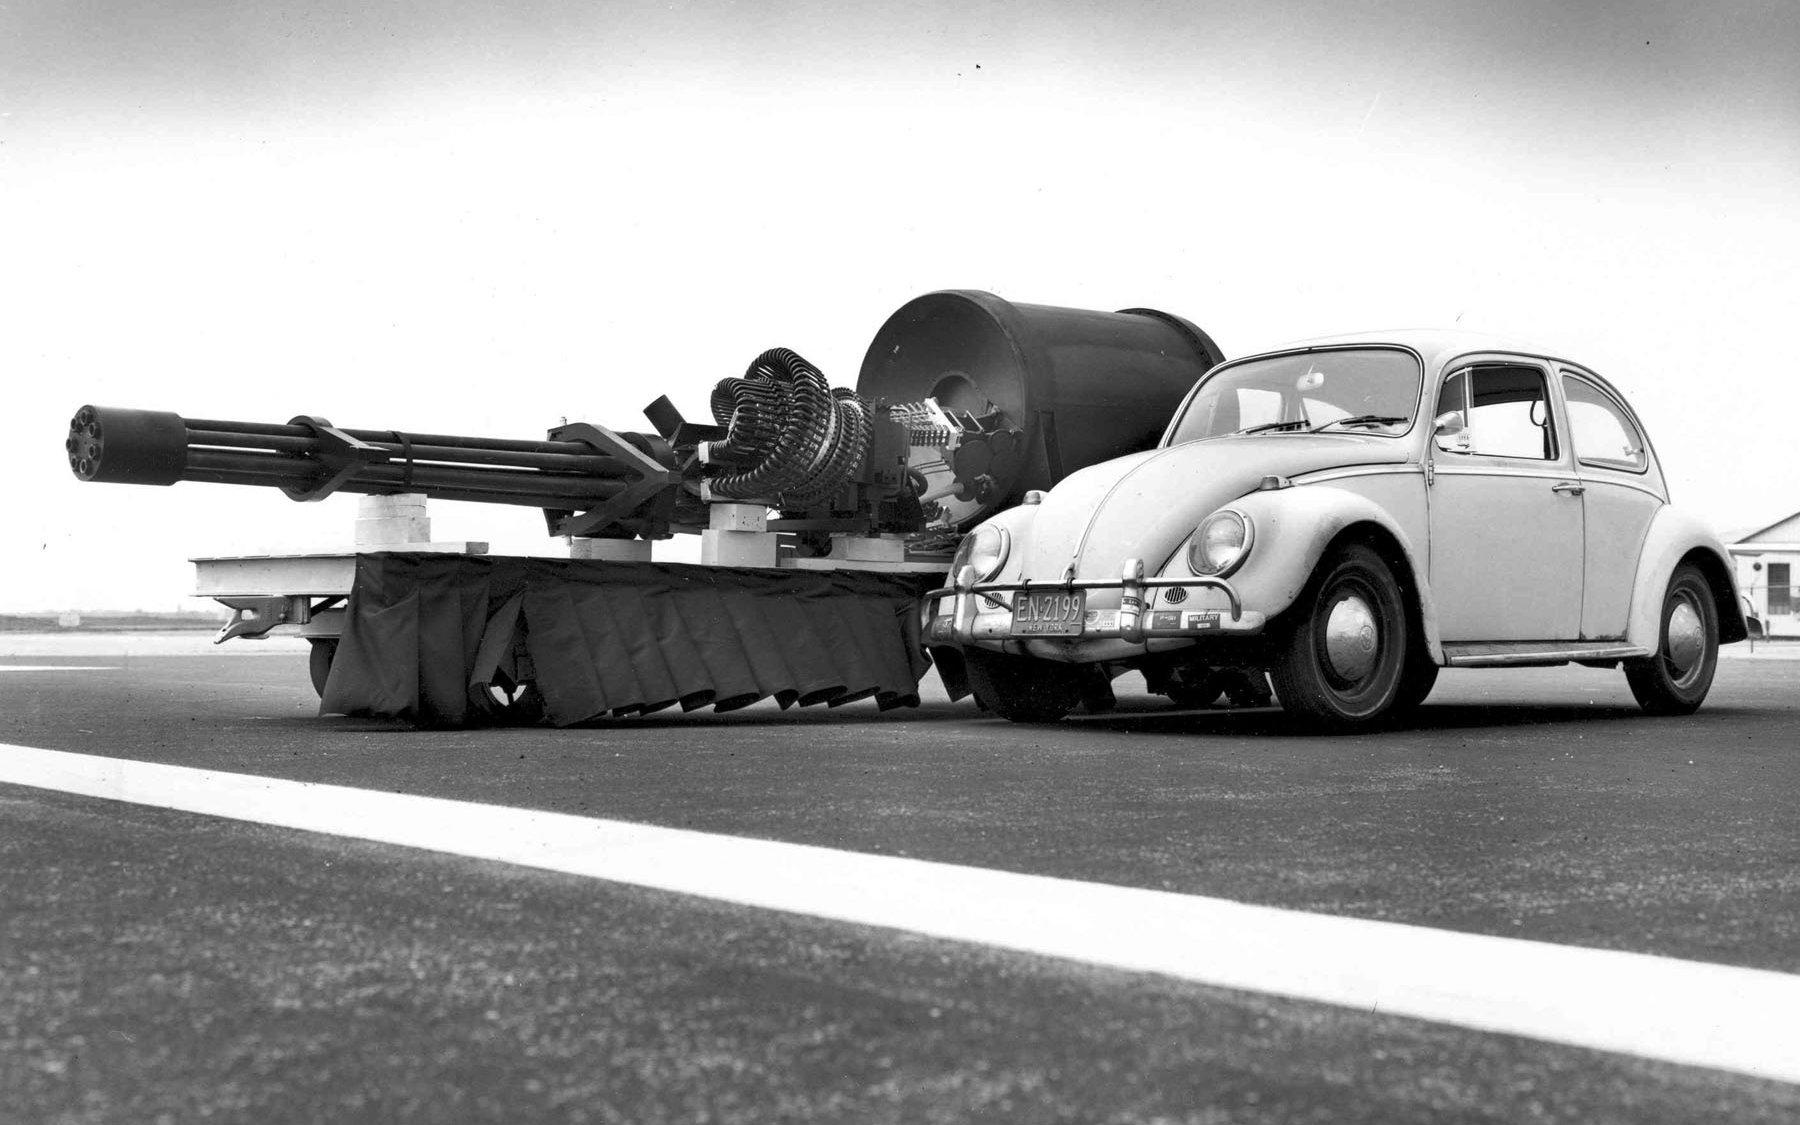 [4p]美国通用电气公司加特林原理机炮系列